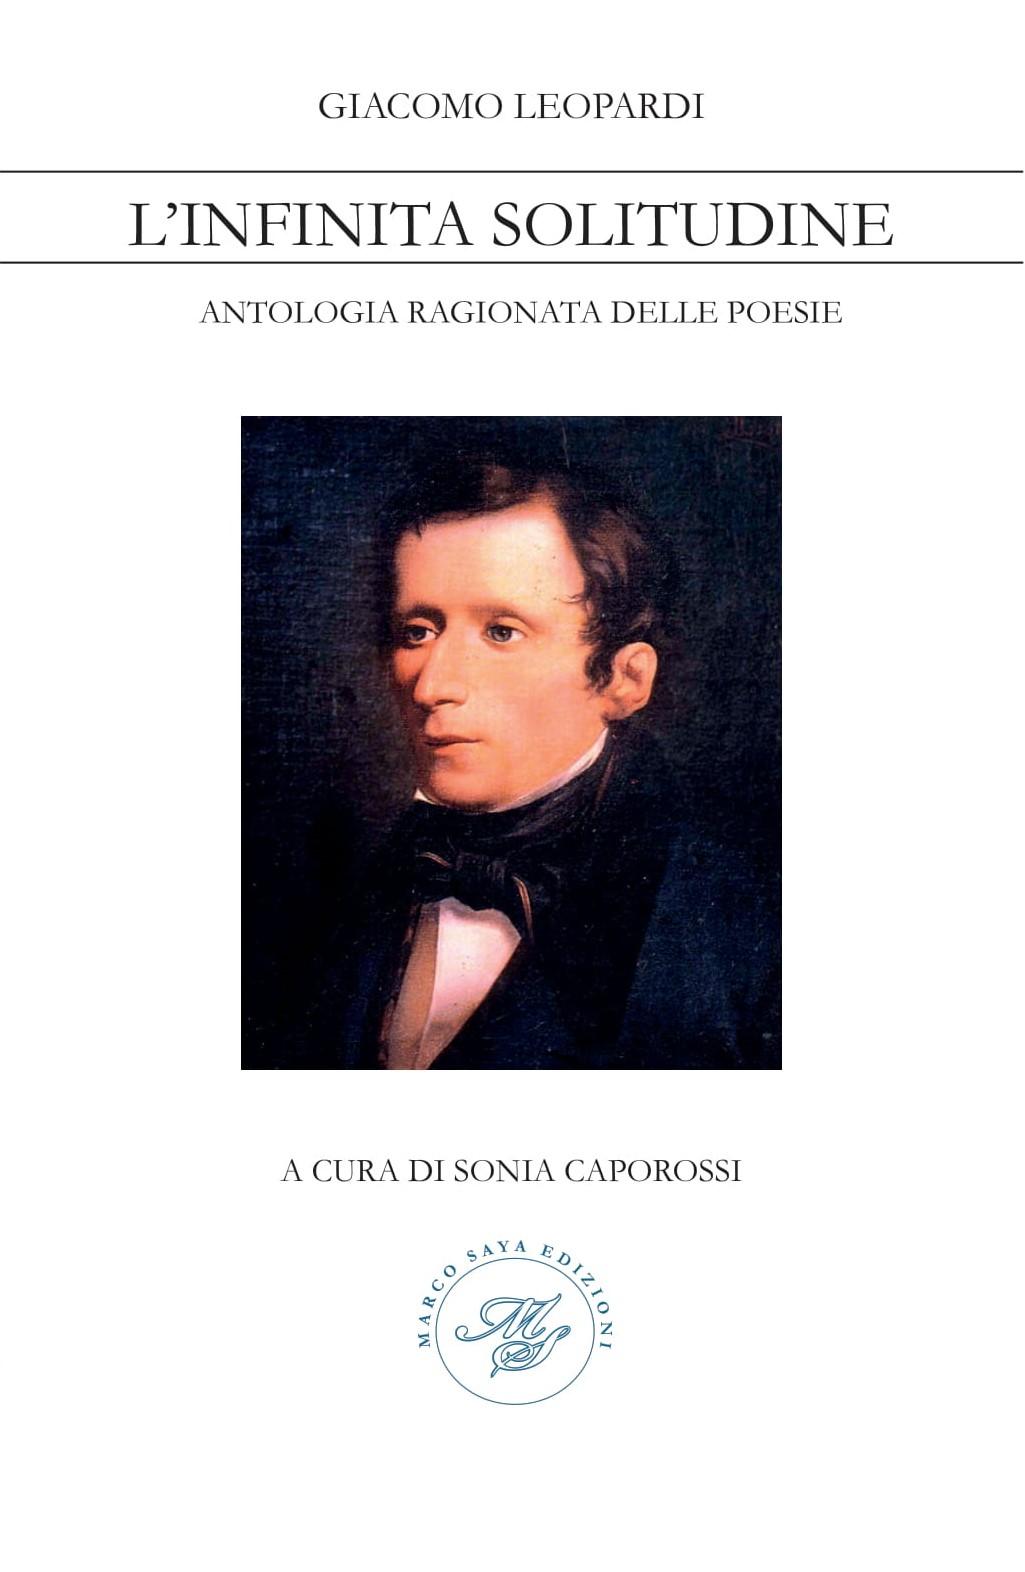 """Nuova uscita: Giacomo Leopardi, """"L'infinita solitudine – antologia ragionata delle poesie"""", a cura di Sonia Caporossi"""